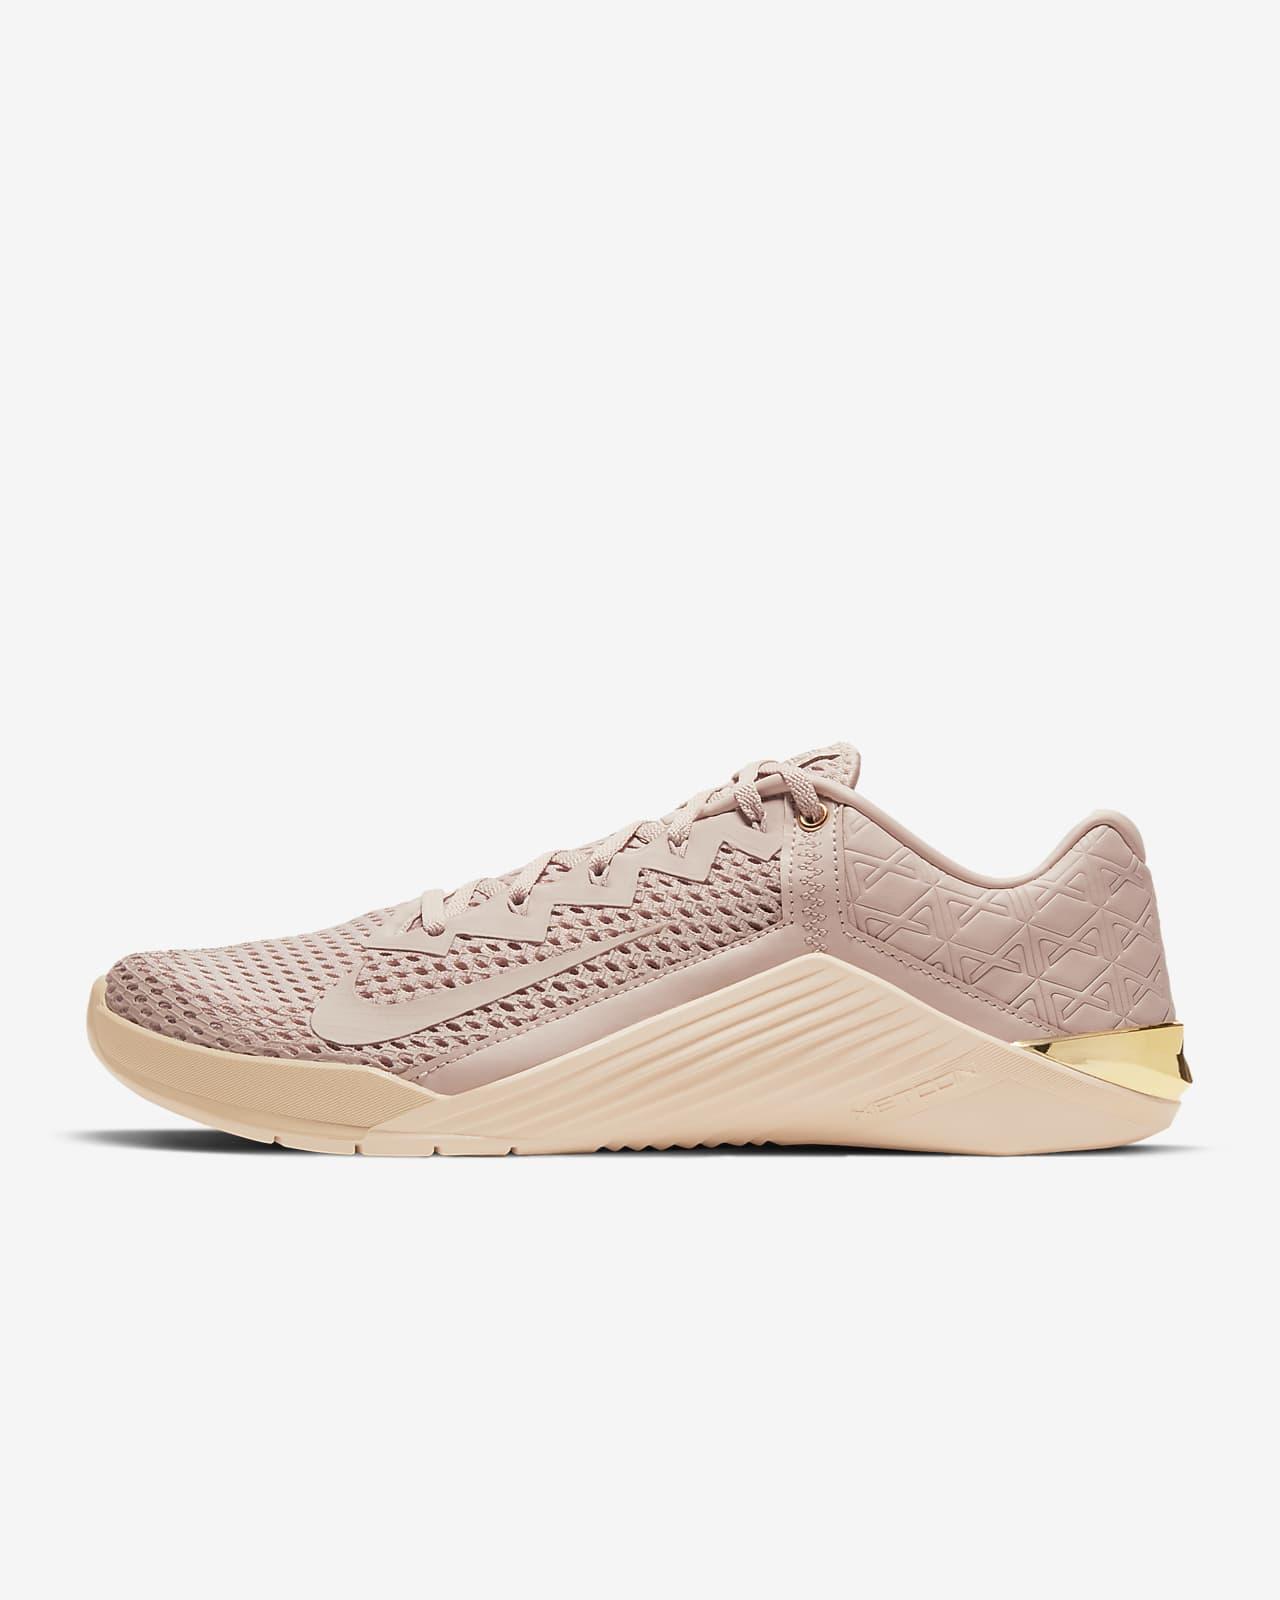 Nike Metcon 6 Premium Antrenman Ayakkabısı